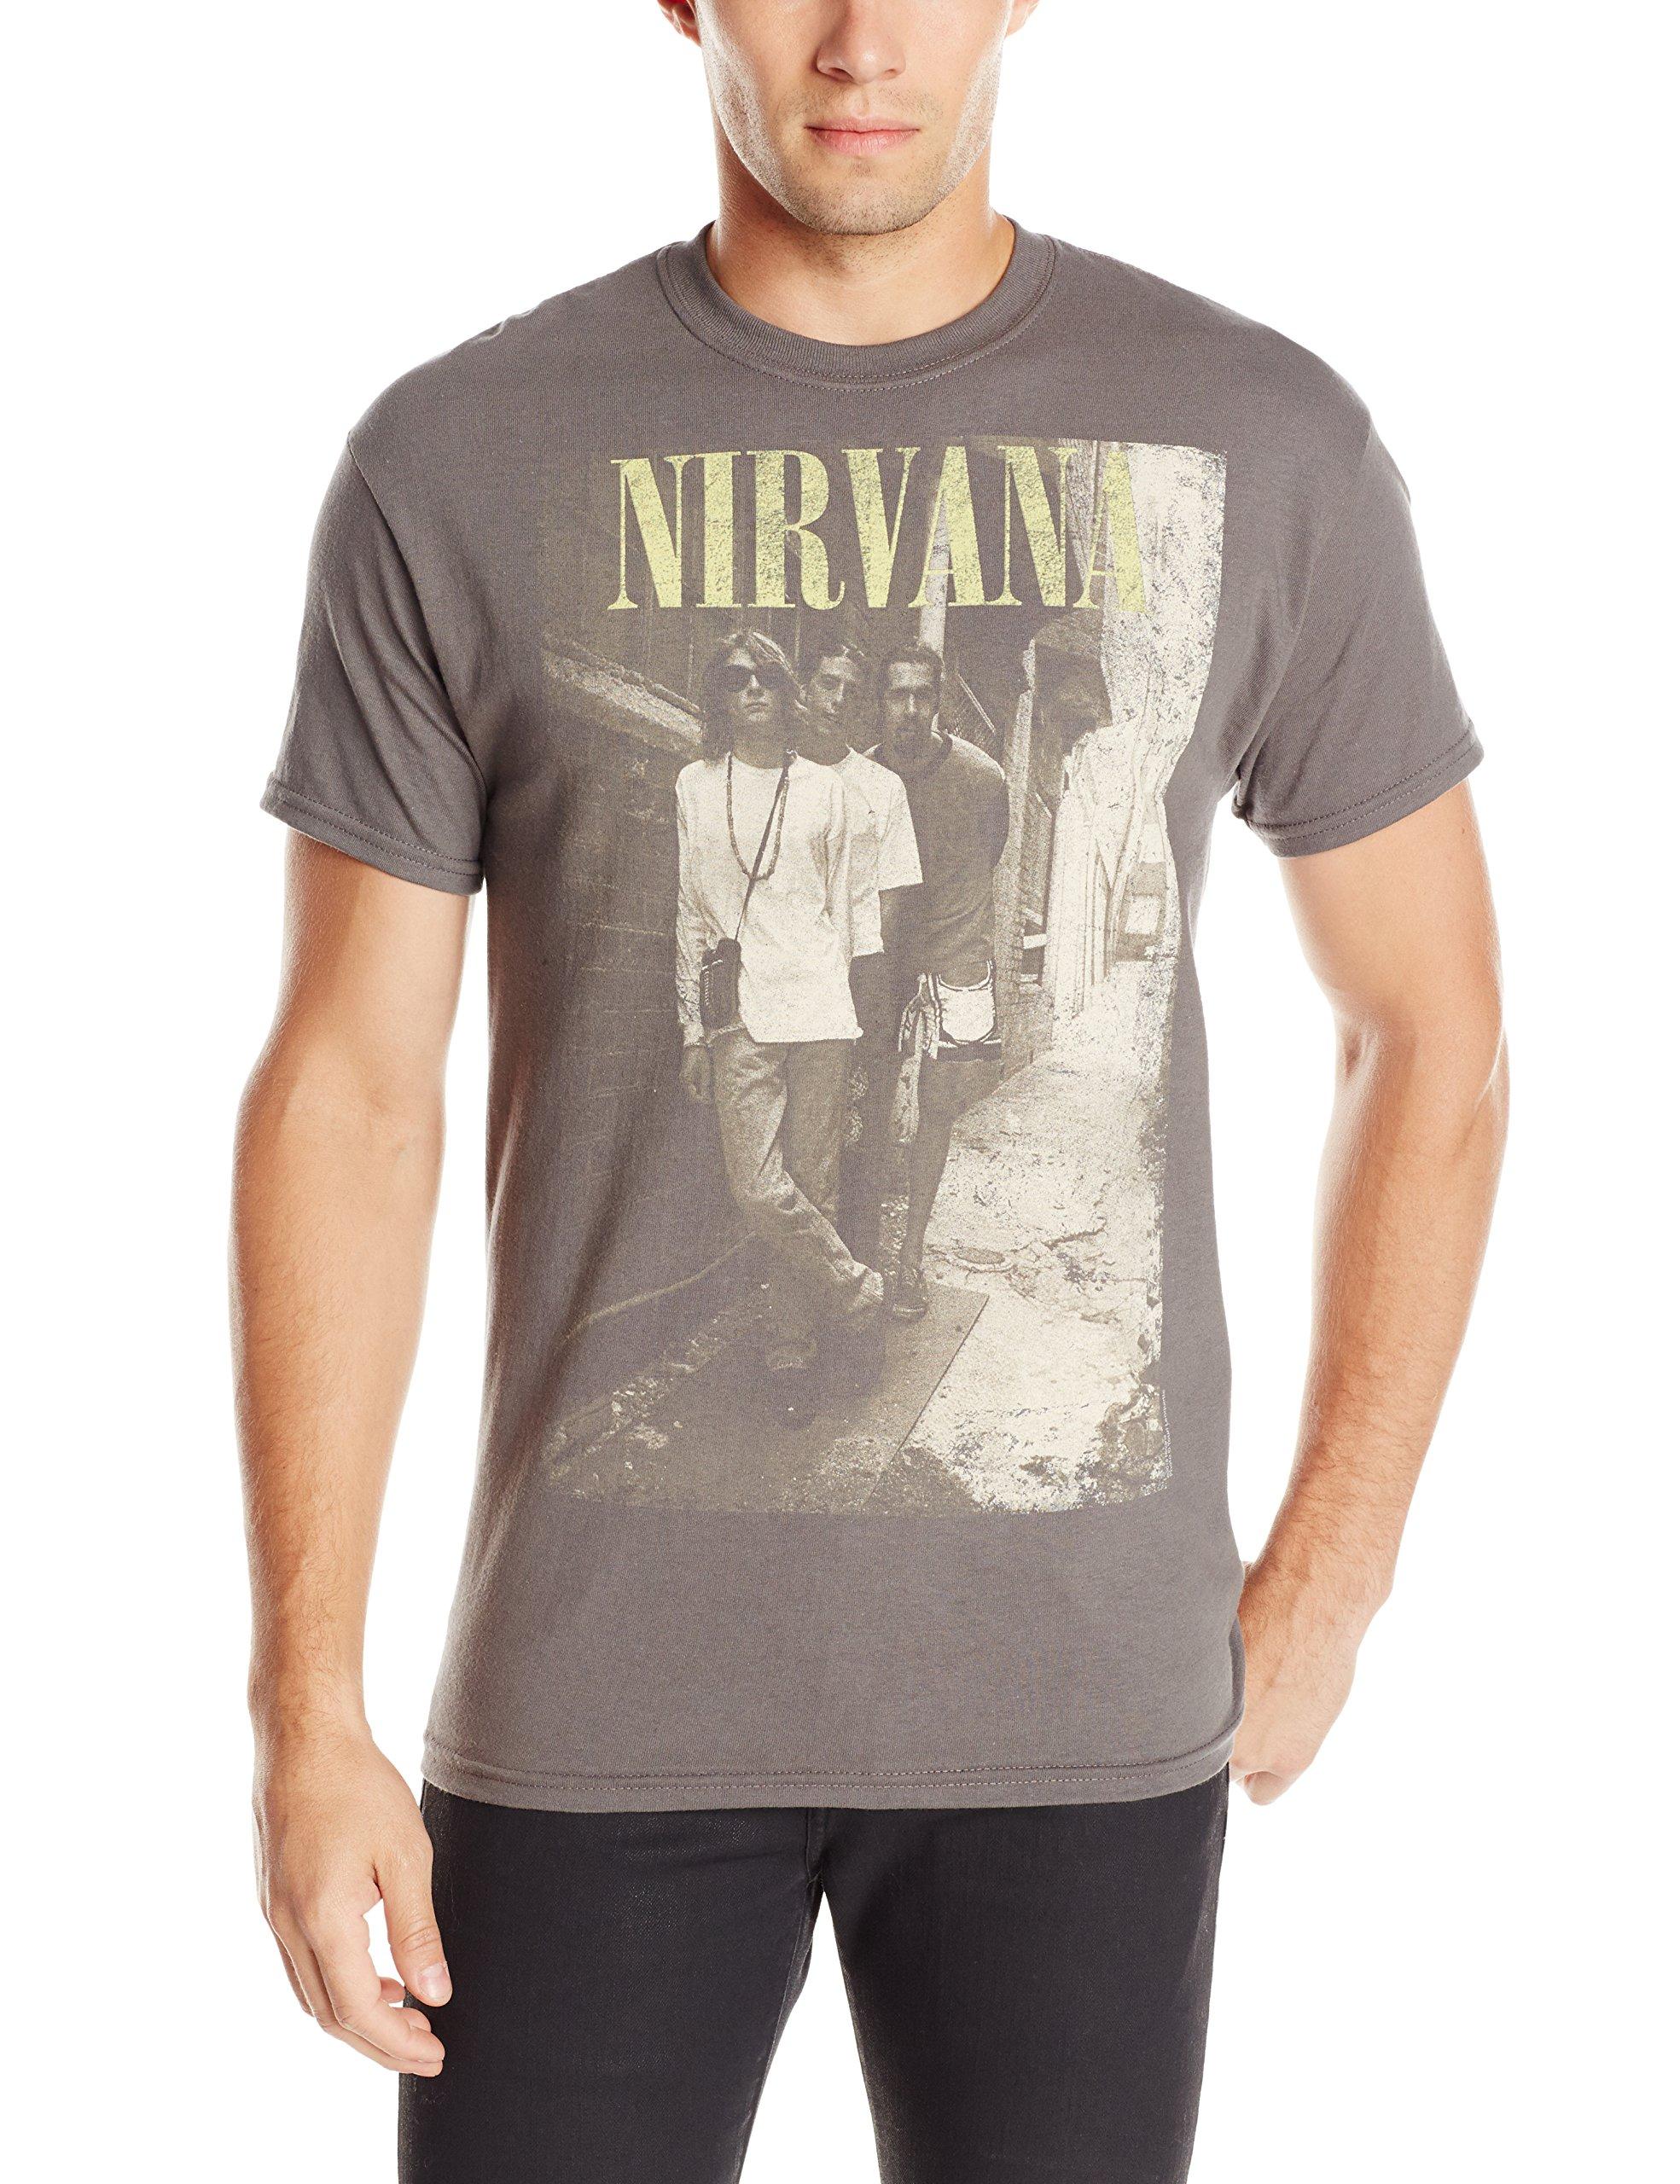 S Nirvana Brick Wall Band Photo Tshirt